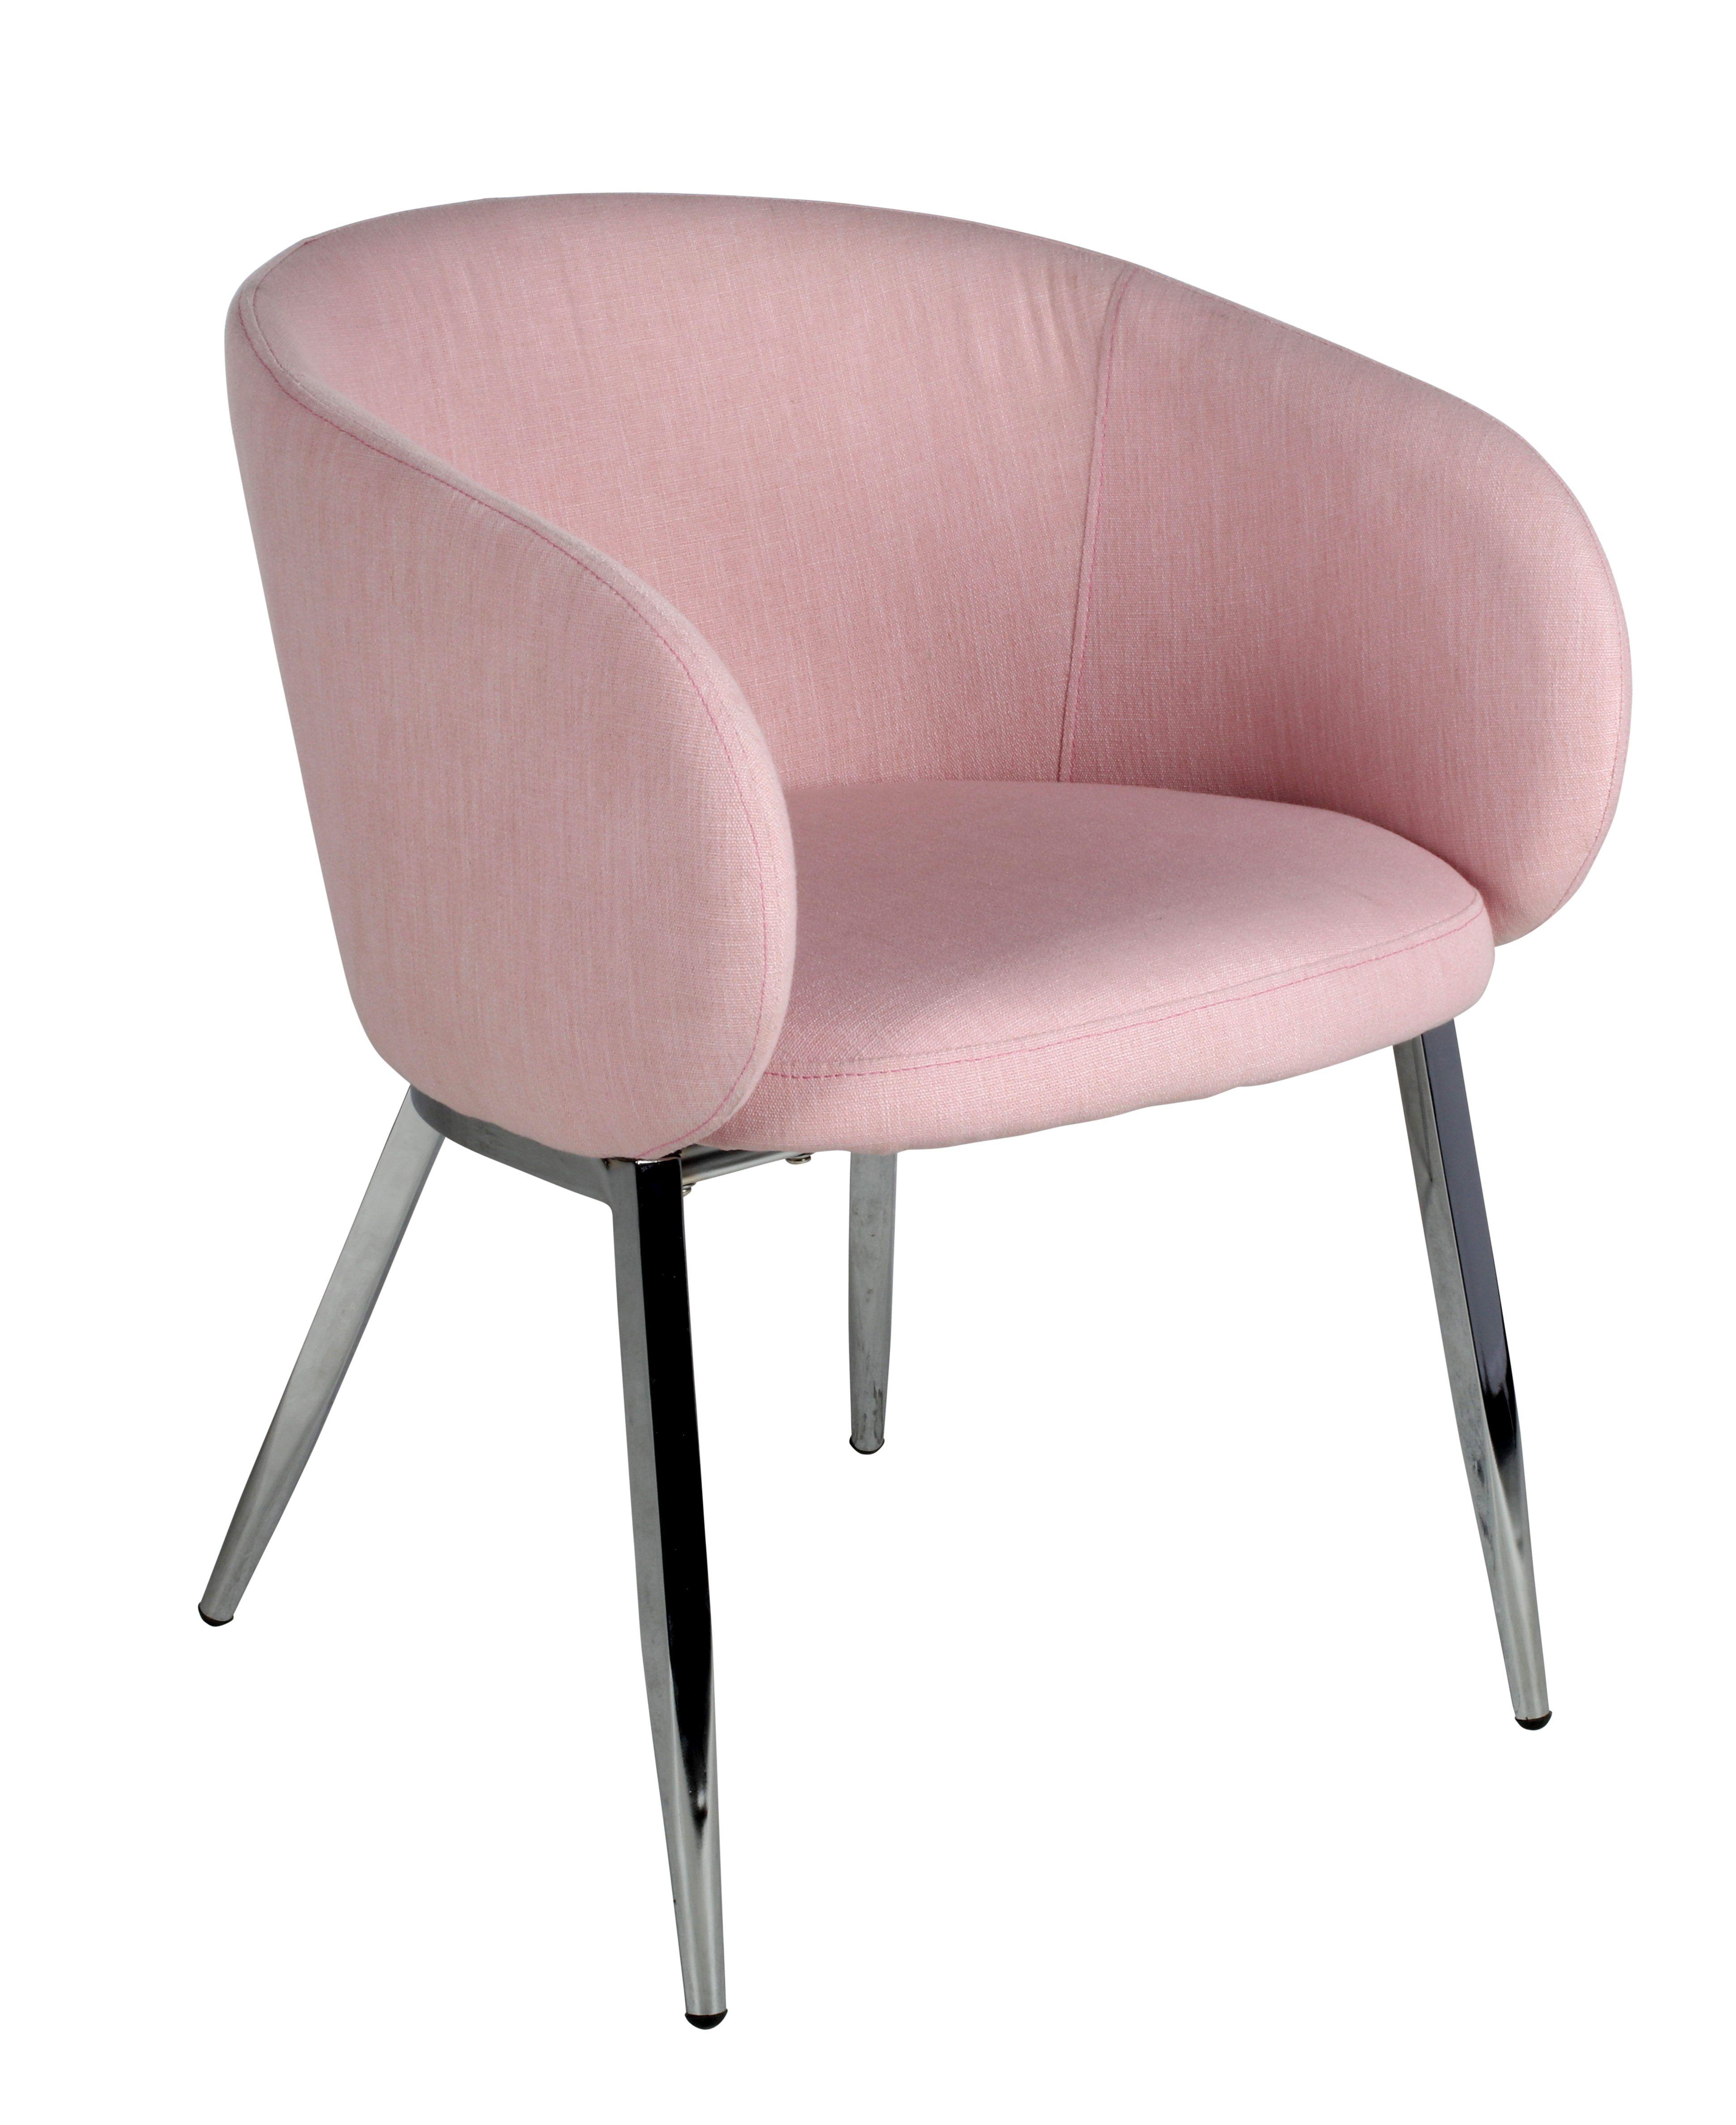 Fauteuil NOAH rose | Mi casa | Furniture, Chair et Accent chairs